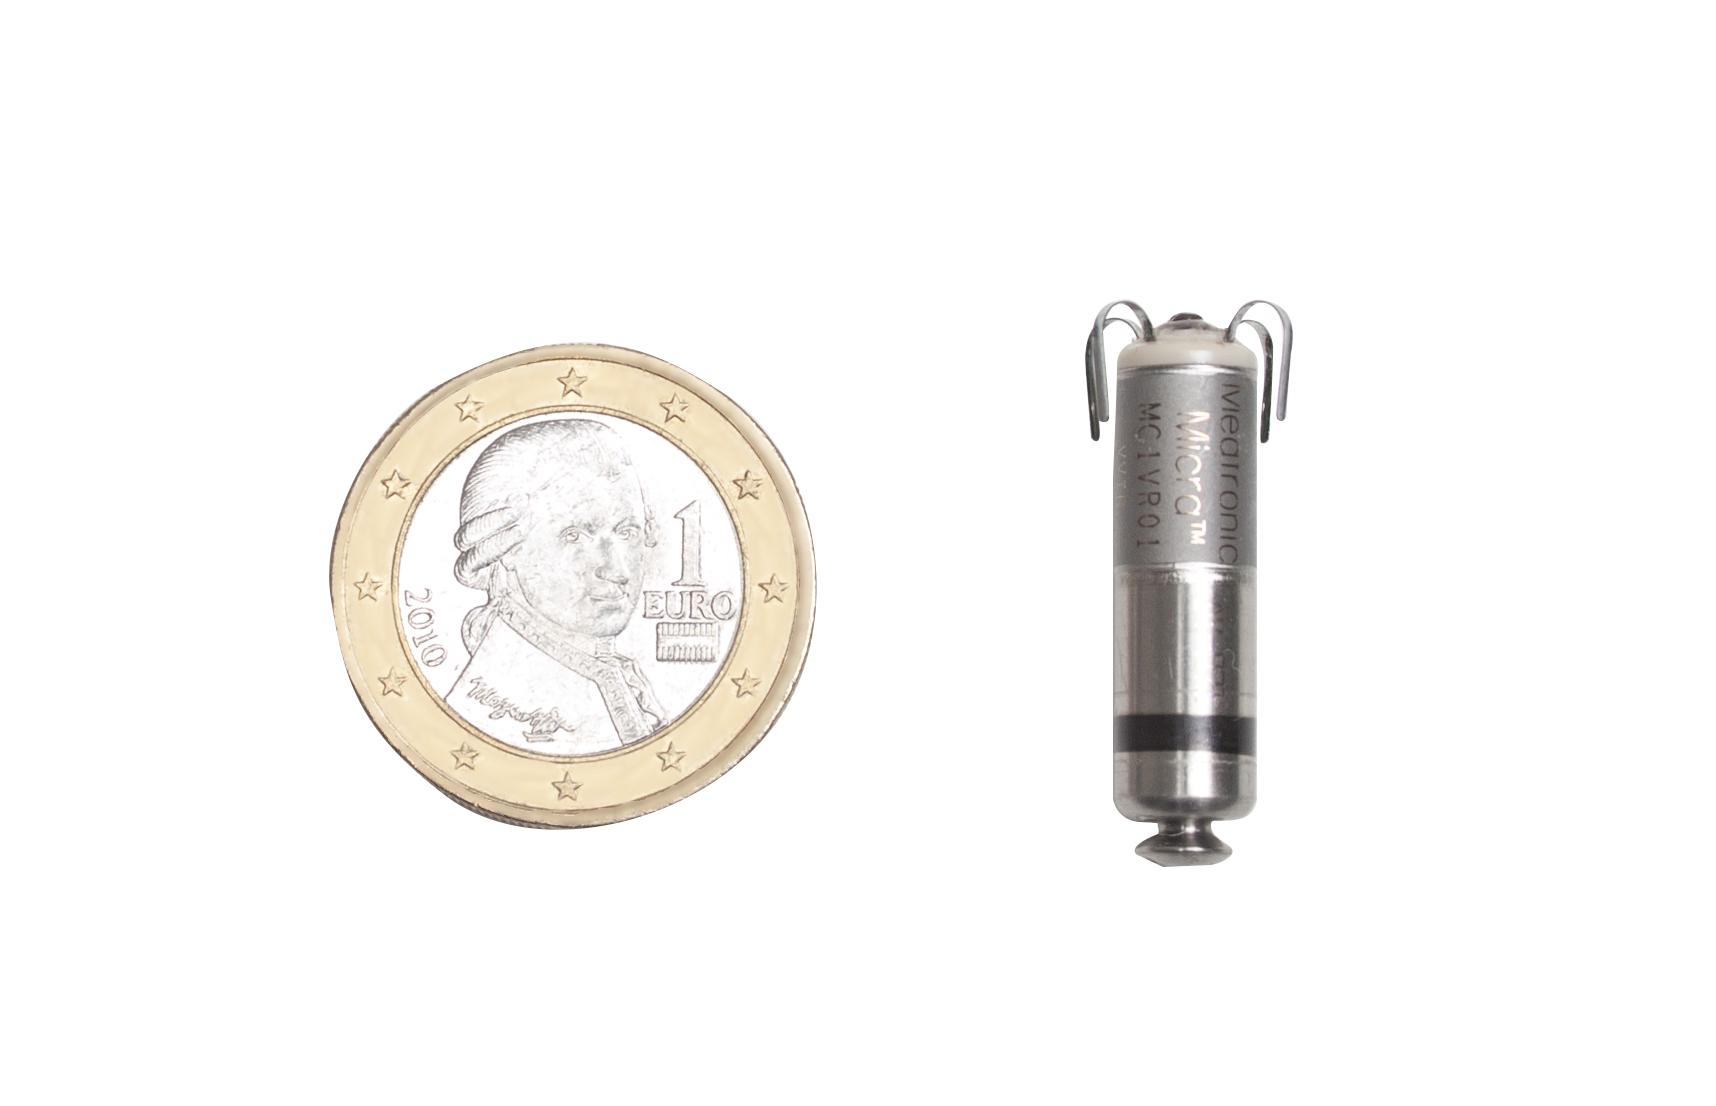 Comparación del marcapasos con una moneda